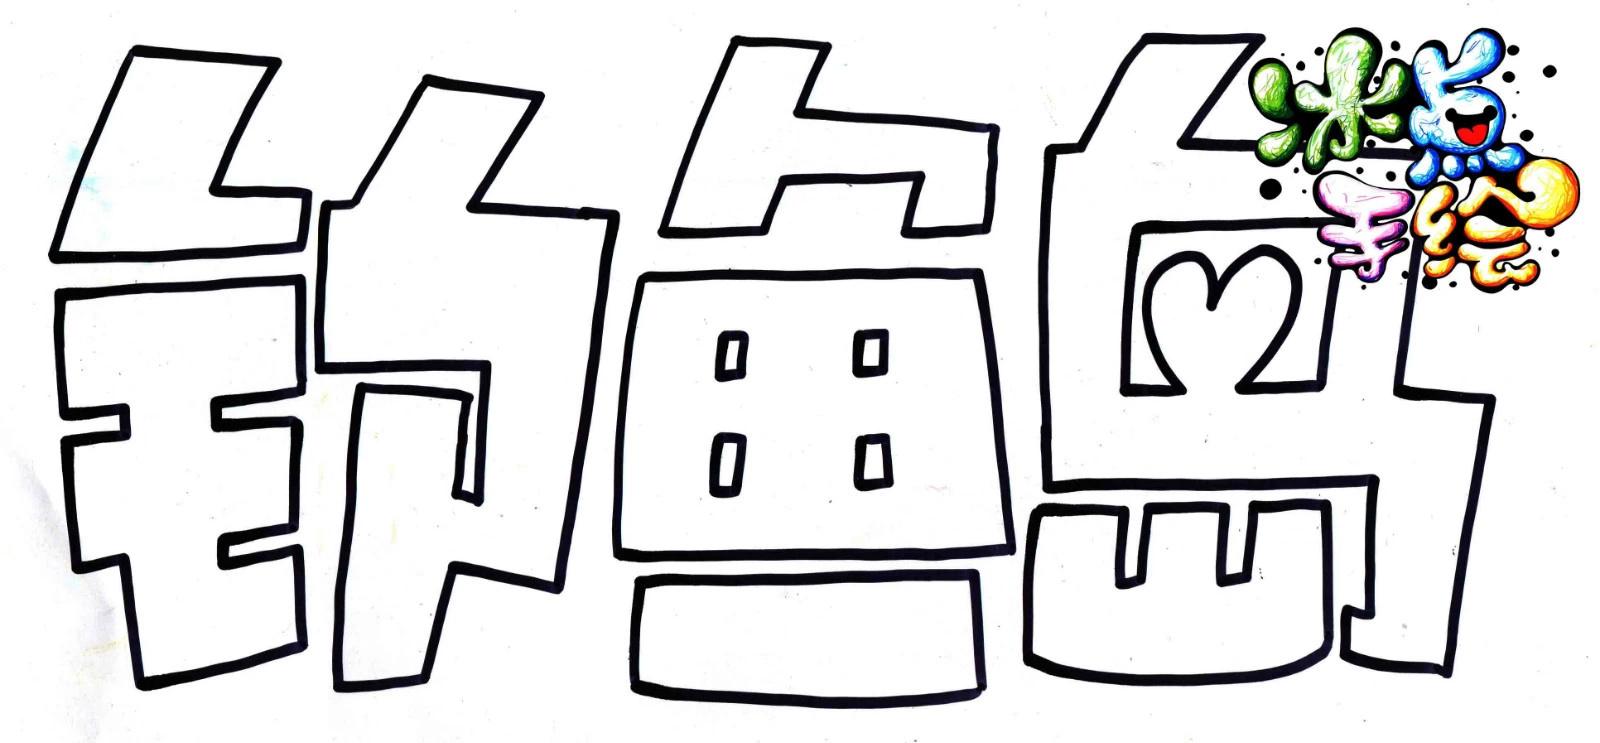 徐老师简介:对手绘POP极其热爱,并对其有超凡的理解,自接触POP至今已熟练掌握手绘POP的各种技巧,运笔流畅,转笔自然,创意清新,信手拈来。作为冰点手绘的引领者,自2009年创办青岛冰点手绘以来,凭借在美术上的造诣和对POP独到的见解,迅速占领市场,针对成人及少儿的创意手绘POP培训更是风生水起,同时徐老师兼任新华书店、国风大药房、联通通讯公司等公司的POP培训讲师,效果明显,口碑显著。